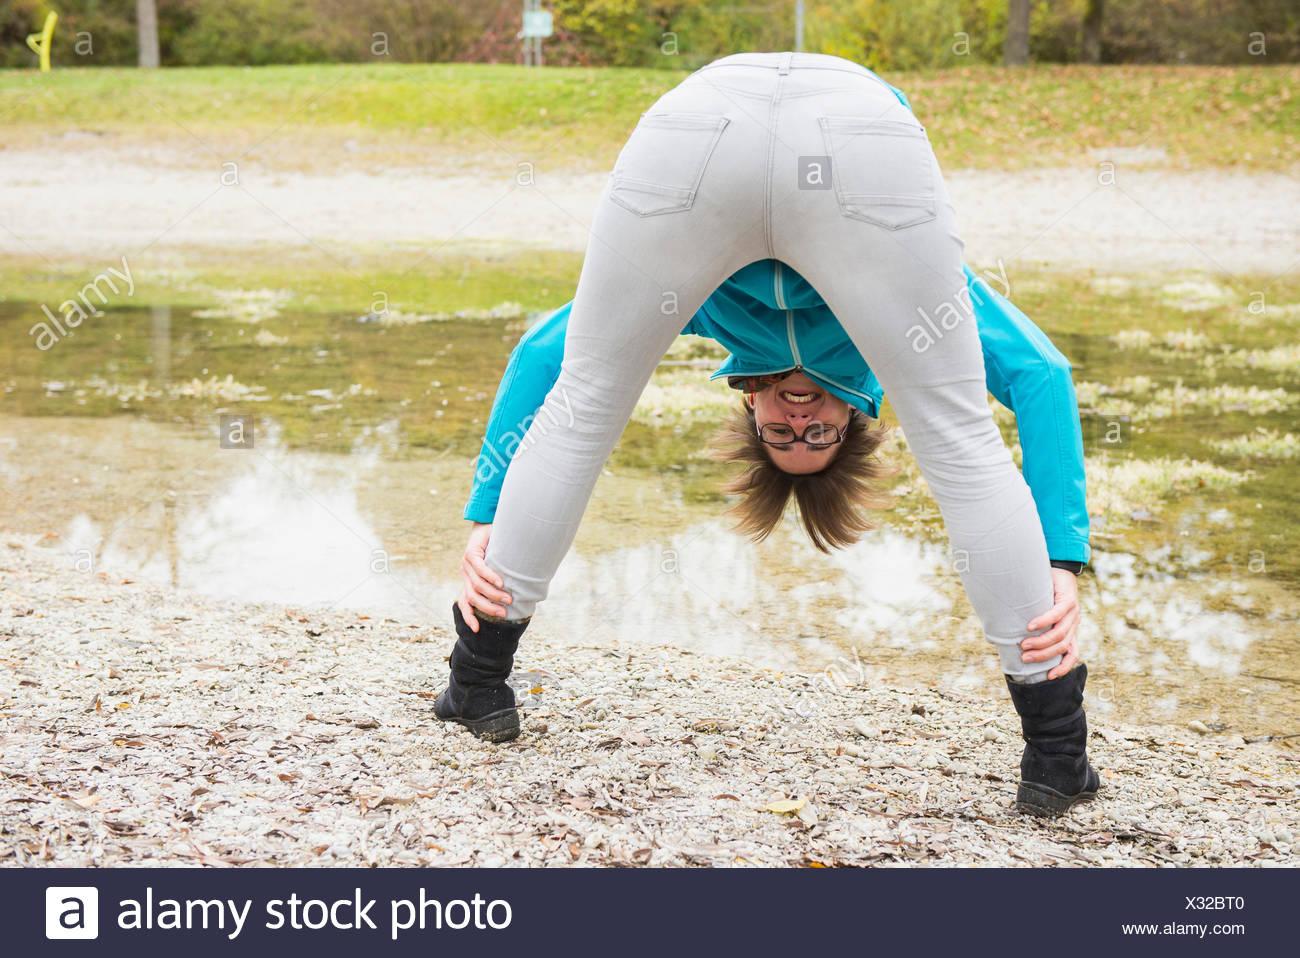 Legs woman between How Do